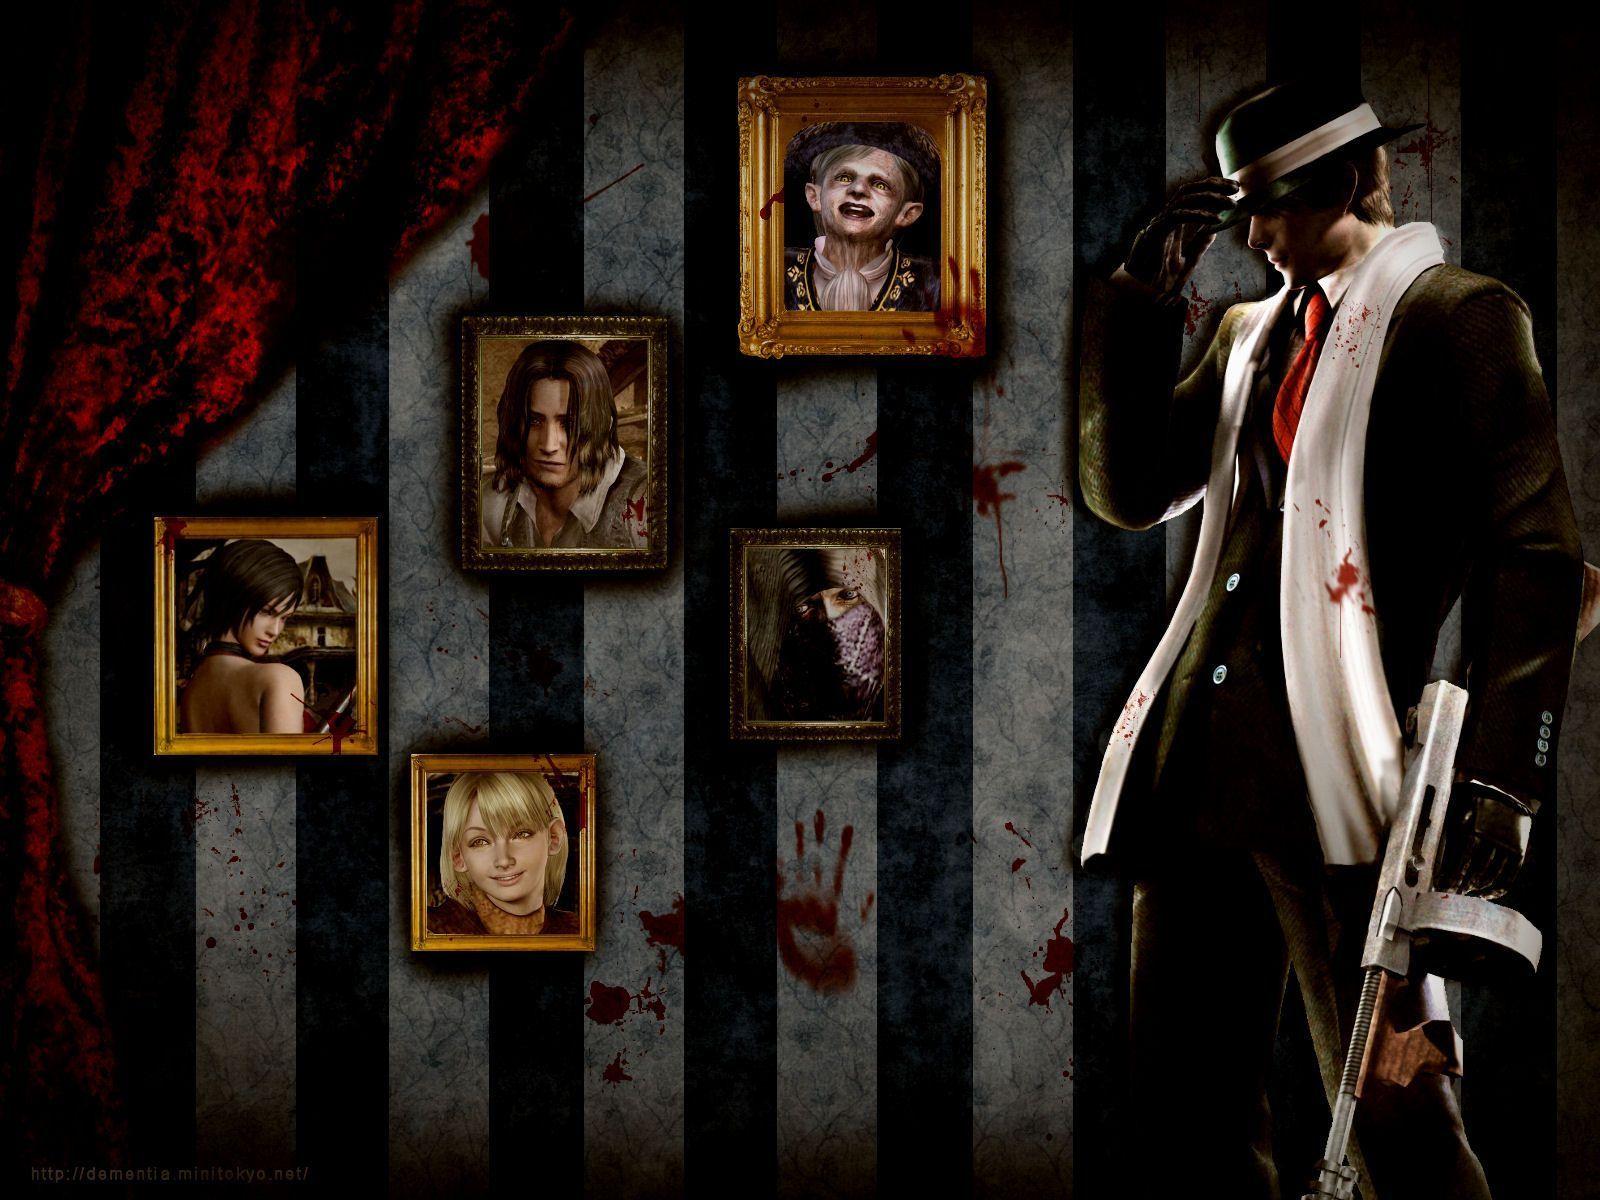 resident evil los illuminados wallpaper by struckbr on deviantart